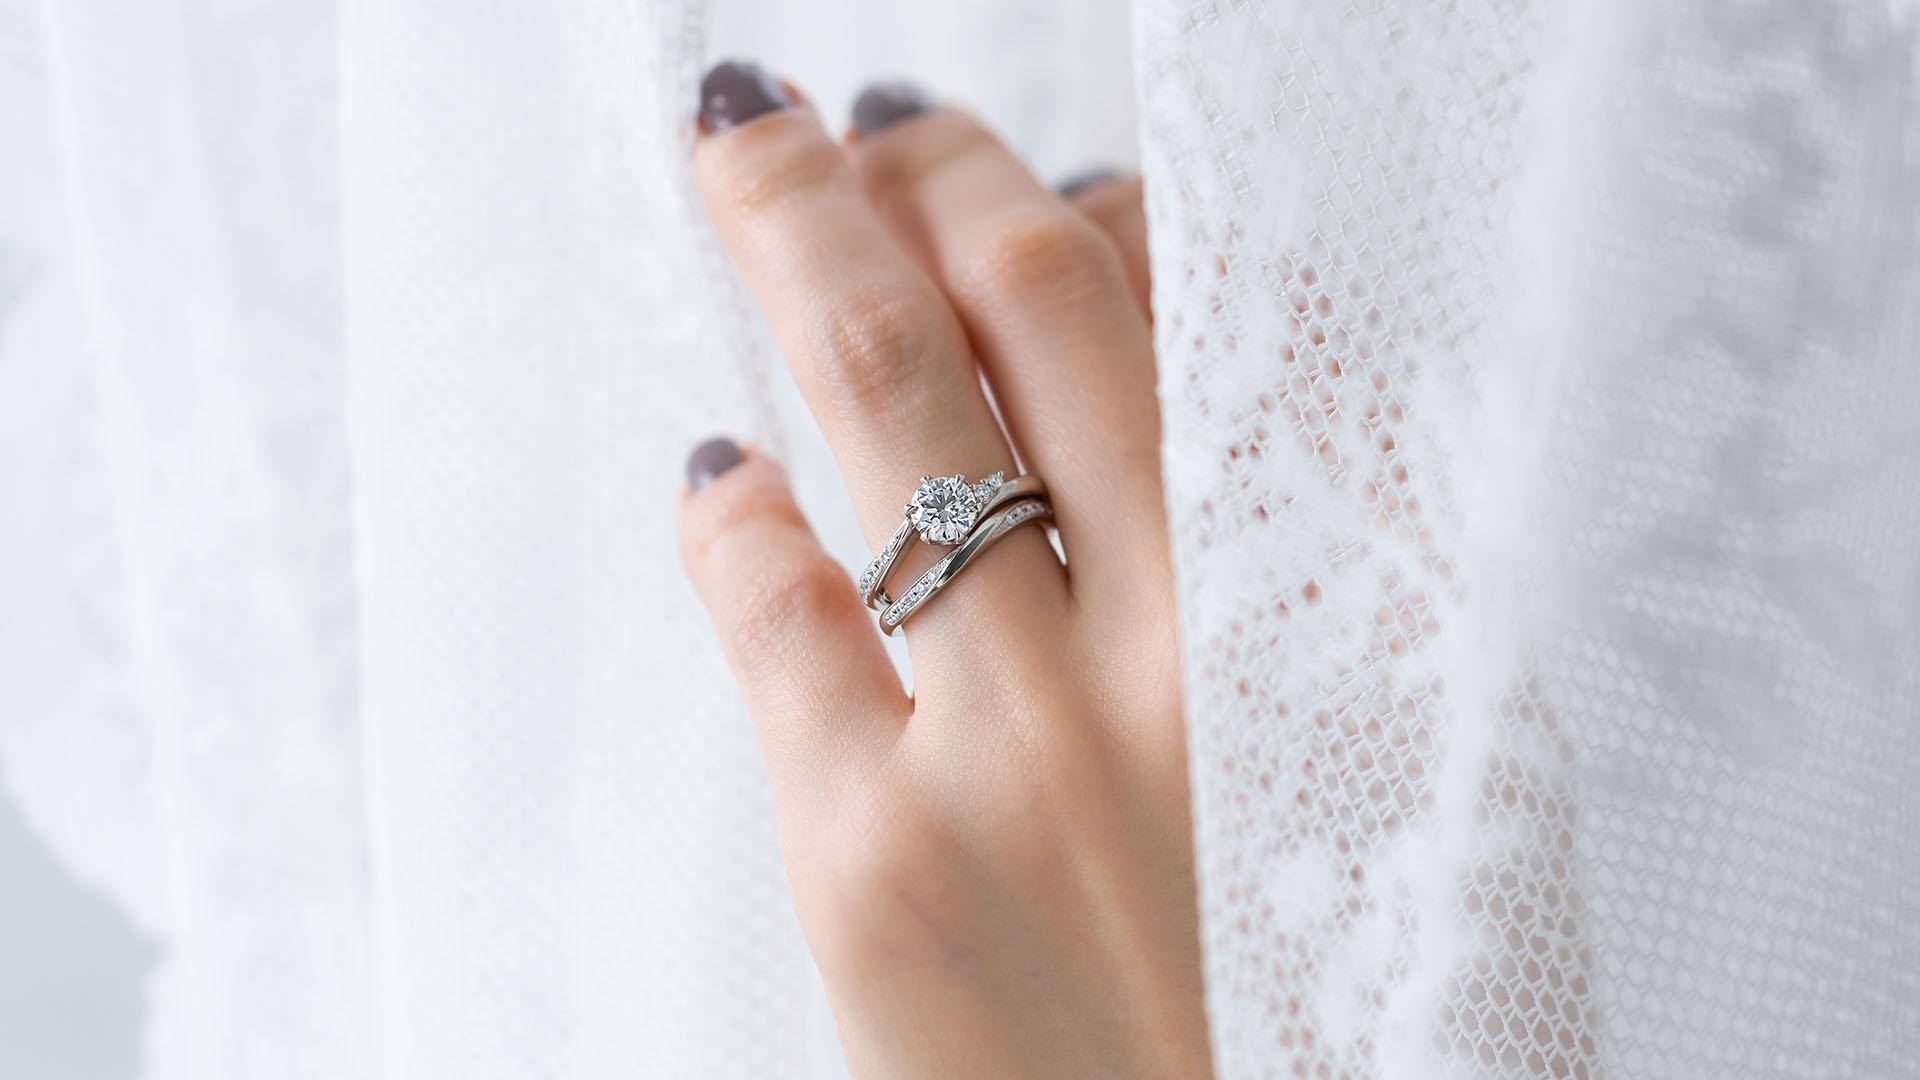 andromeda アンドロメダ   婚約指輪サムネイル 7